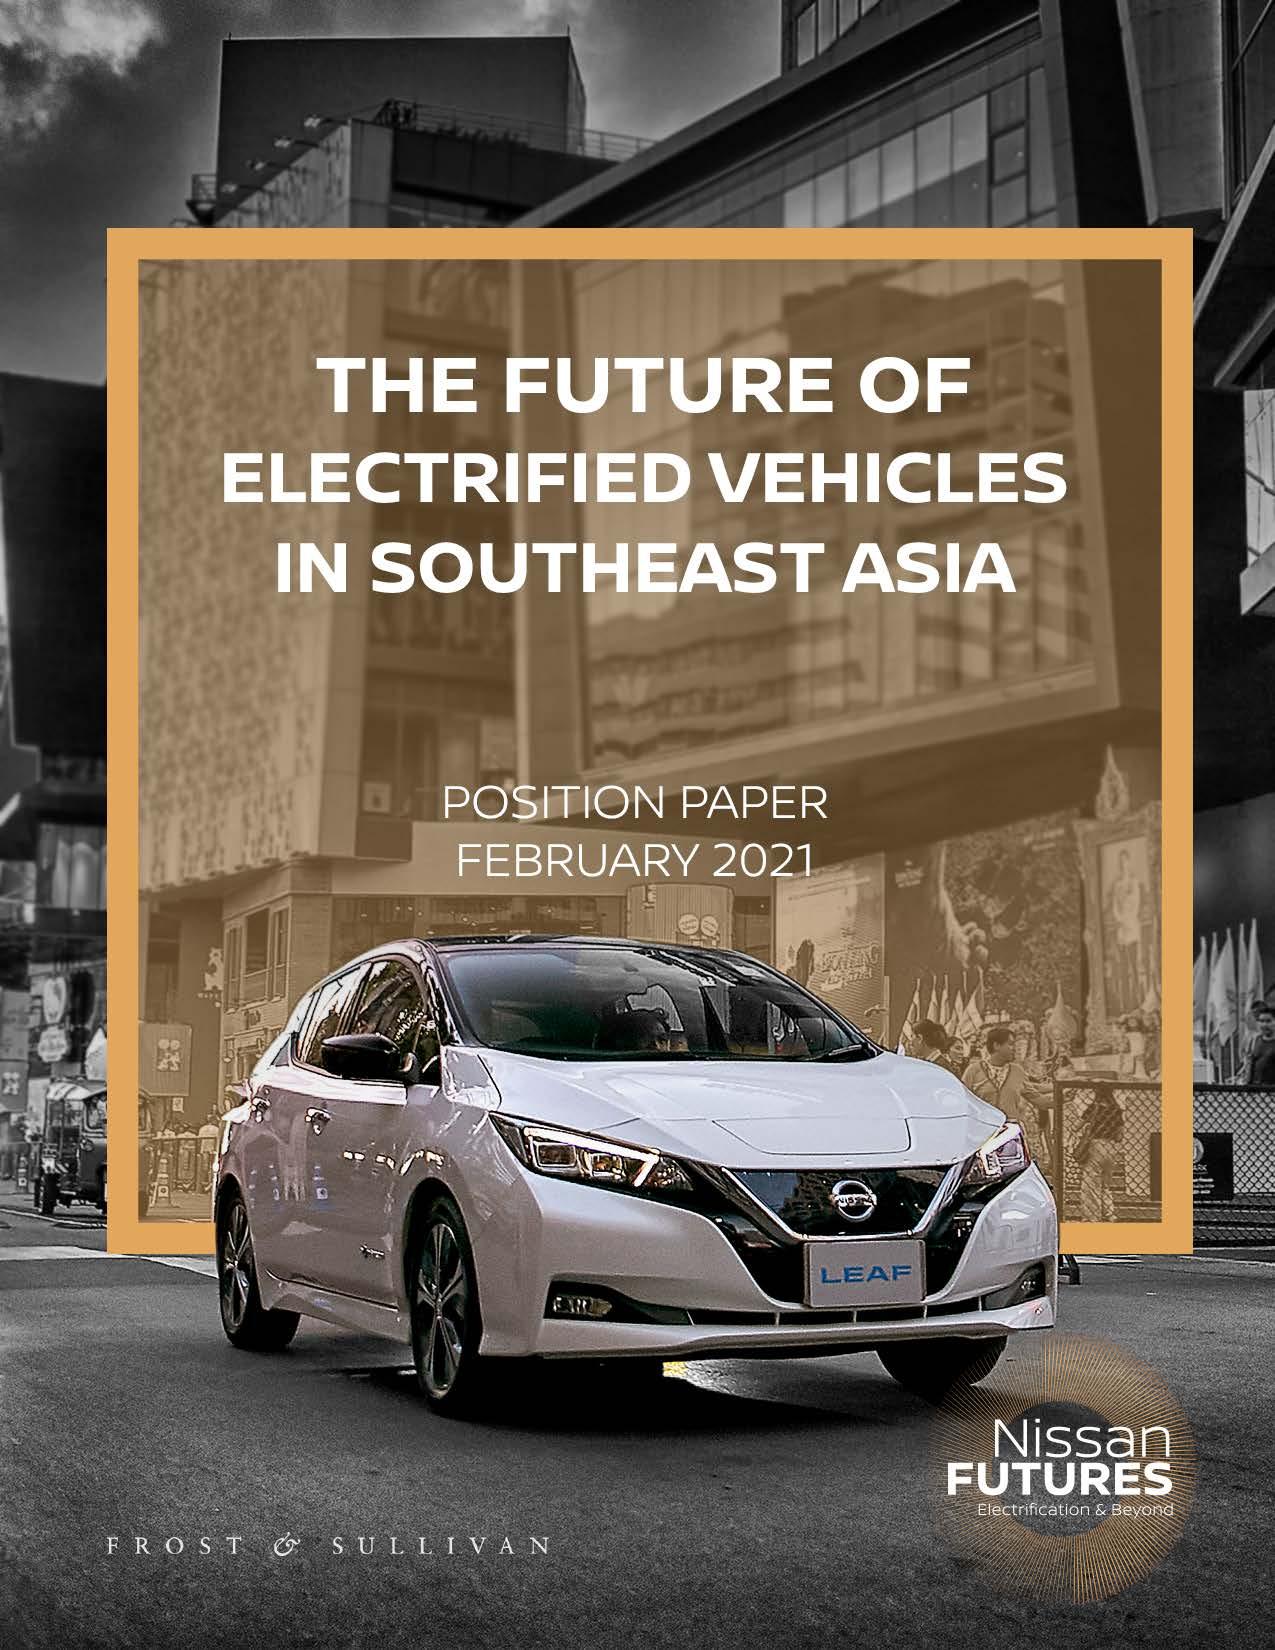 Έρευνα της Nissan για την ηλεκτρική κινητικότητα στην Νοτιοανατολική Ασία